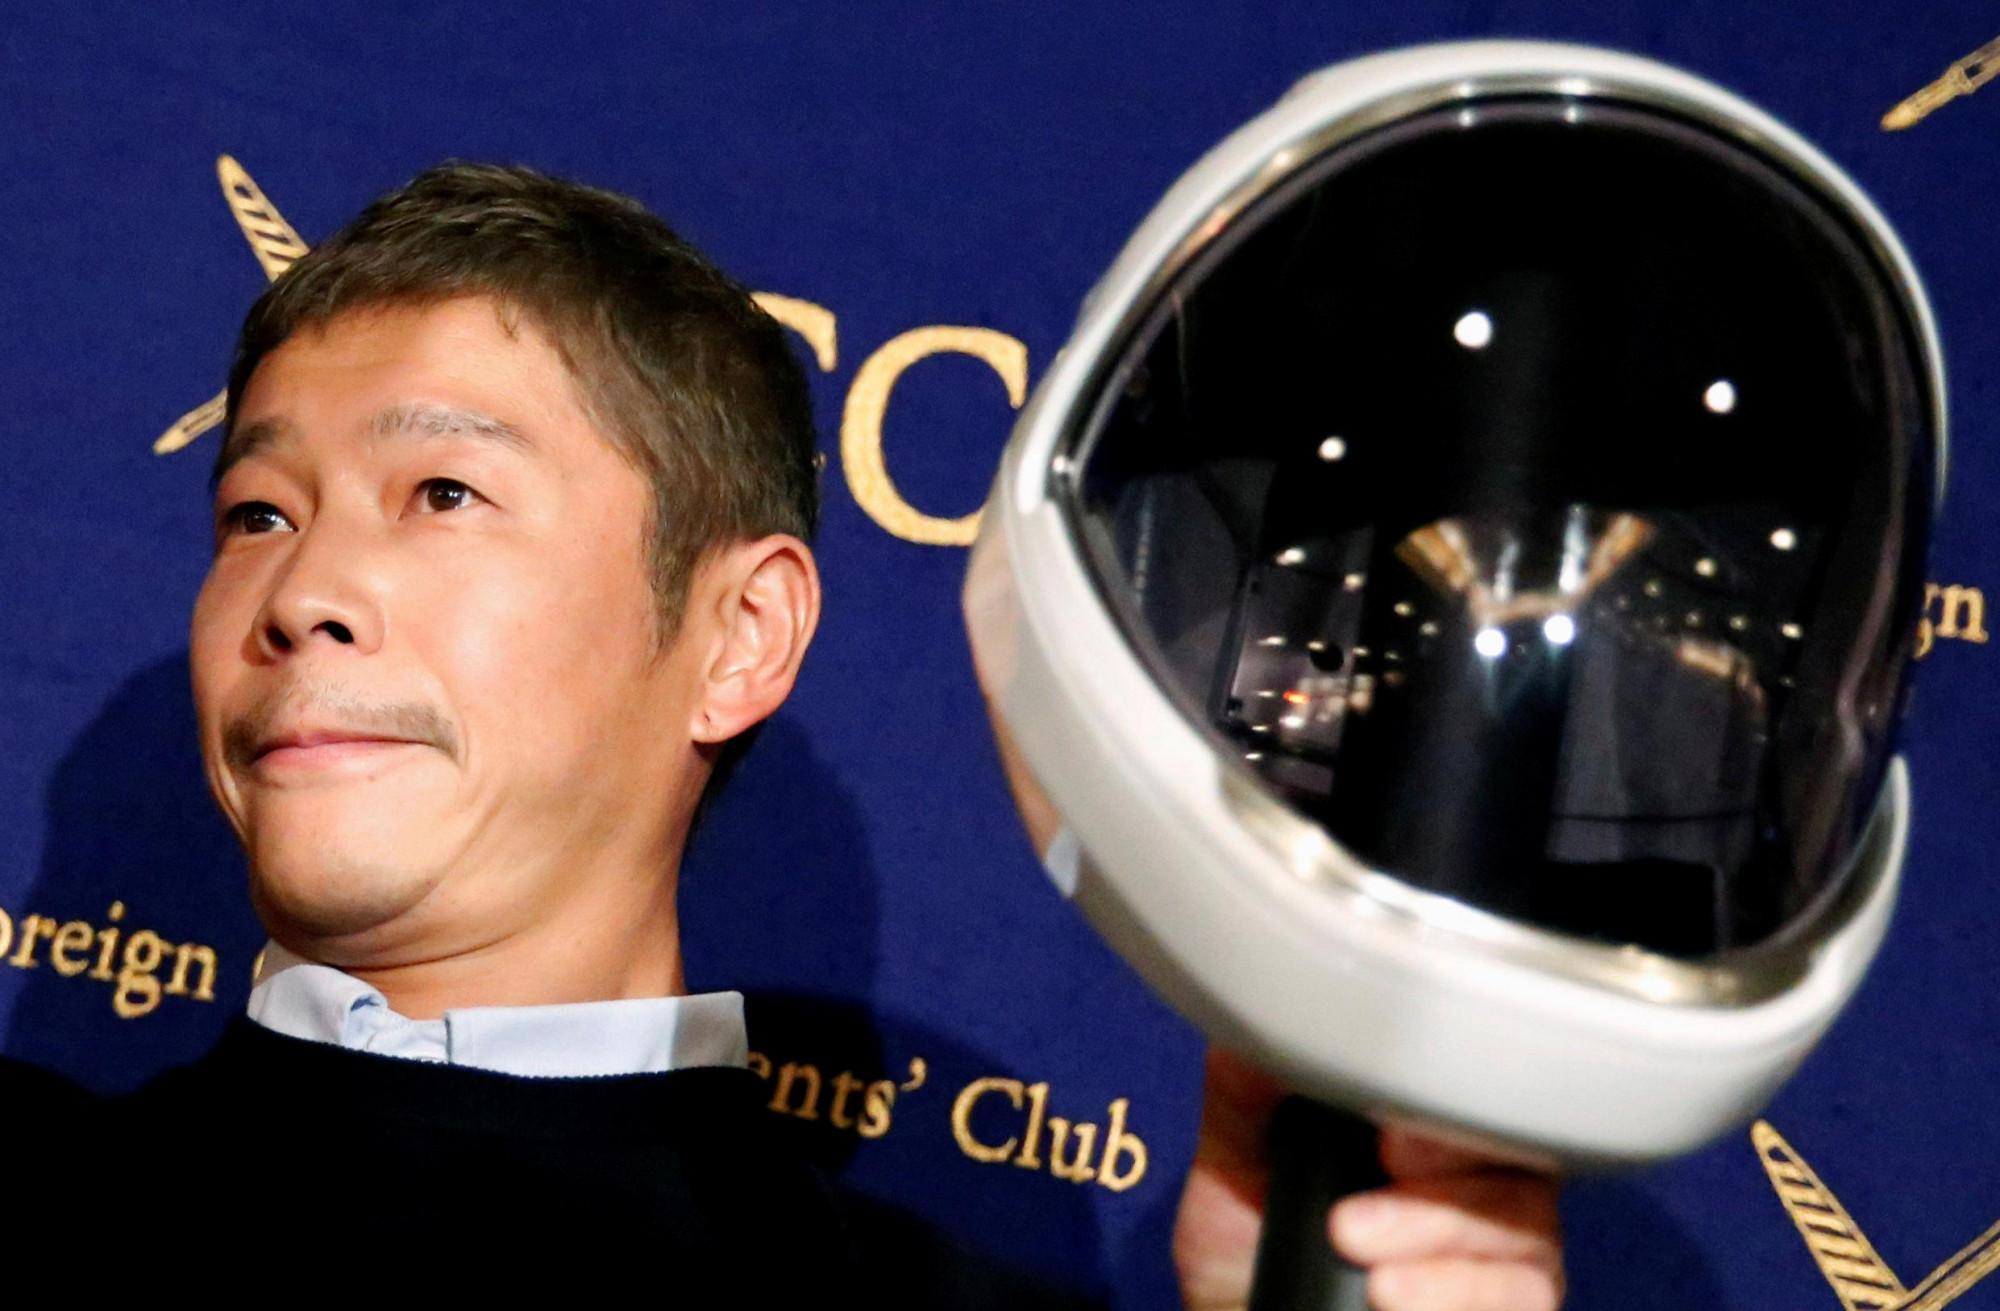 Ông Yusaku Maezawa là hành khách tư nhân đầu tiên bay vòng quanh Mặt Trăng với dịch vụ từ công ty SpaceX của tỷ phú Elon Musk.